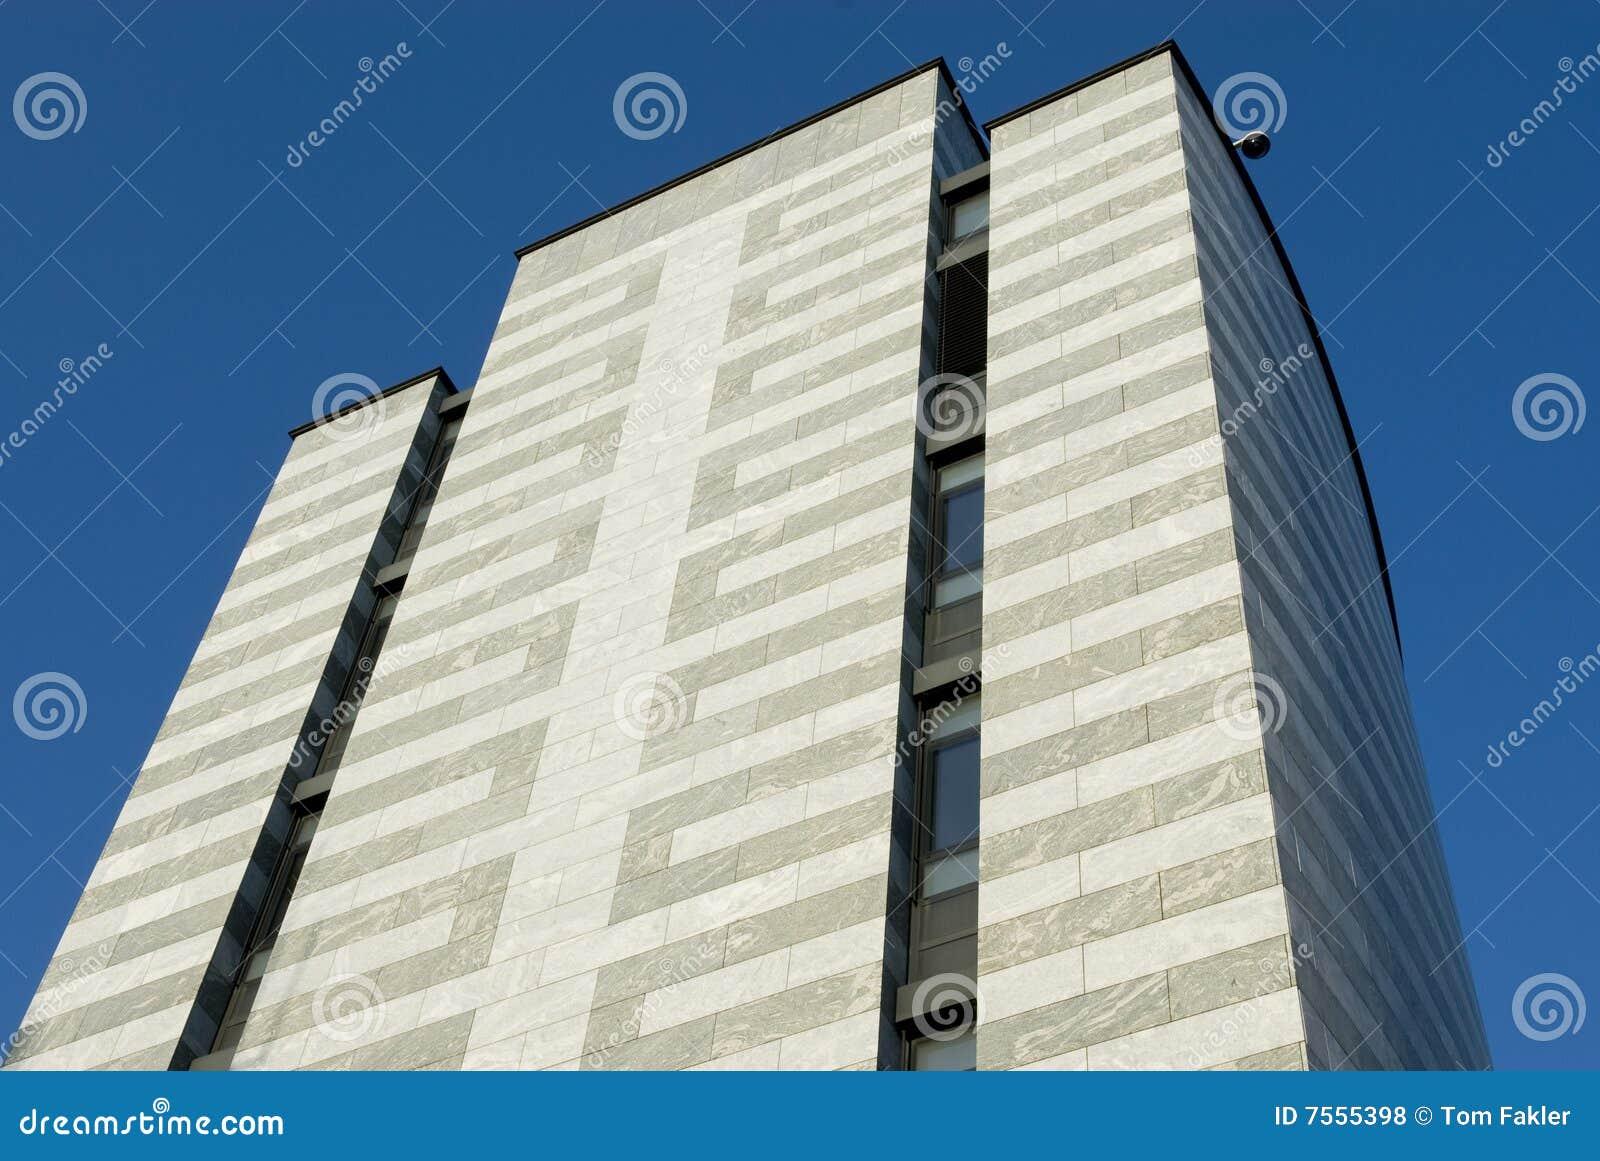 Façade De Marbre Blanche Et Grise Photo Stock Image Du